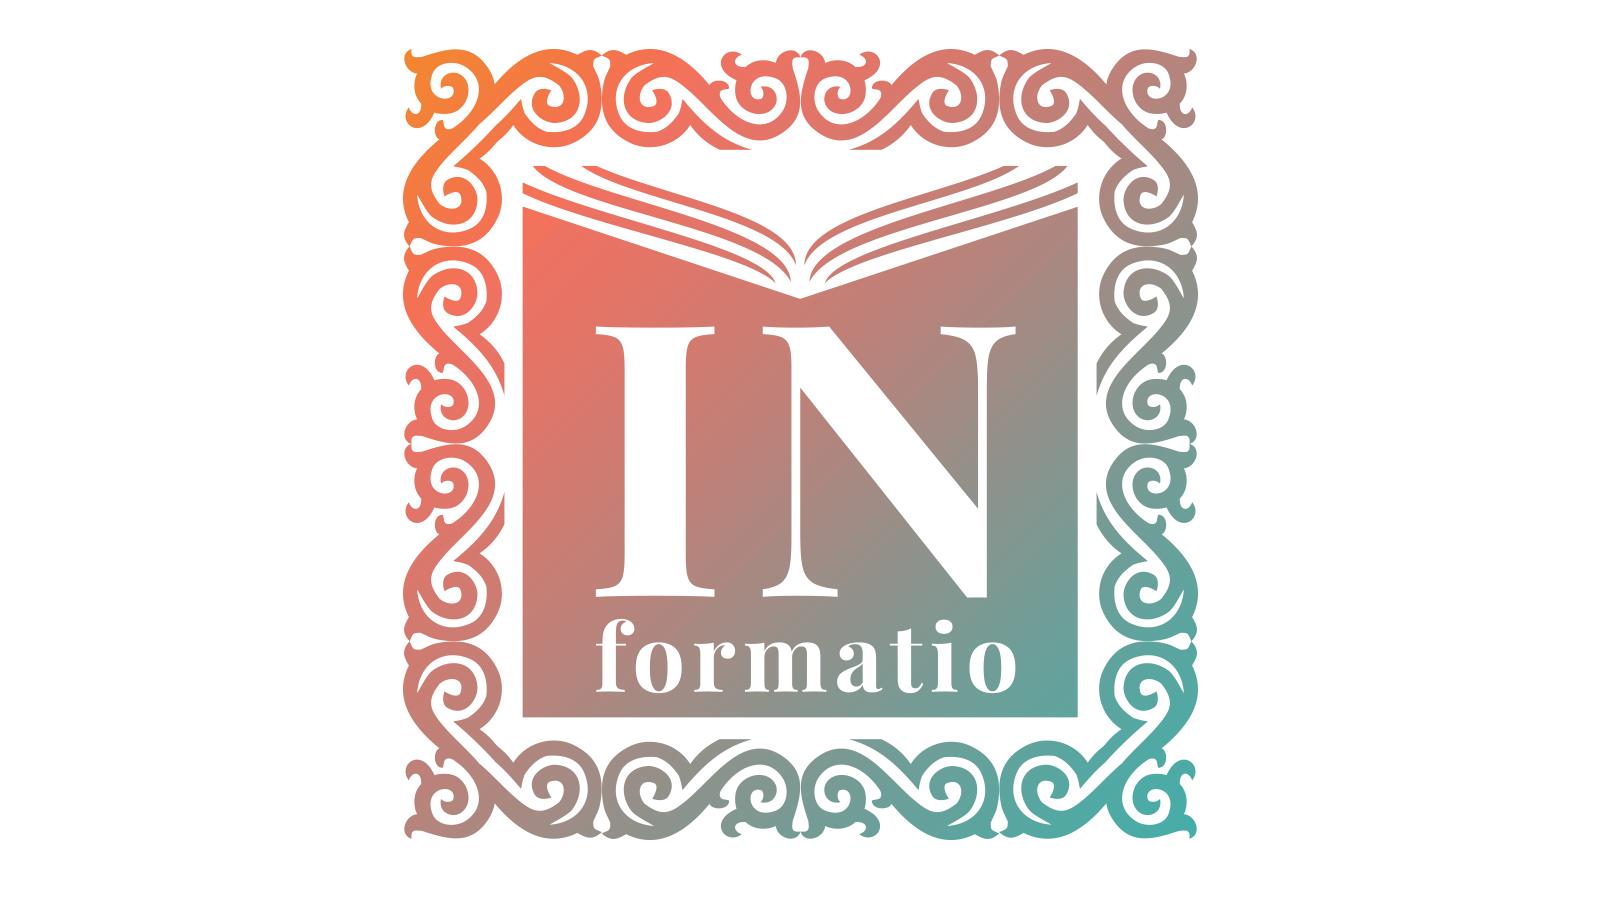 Проект In-formatio поздравляет учителей с профессиональным праздником